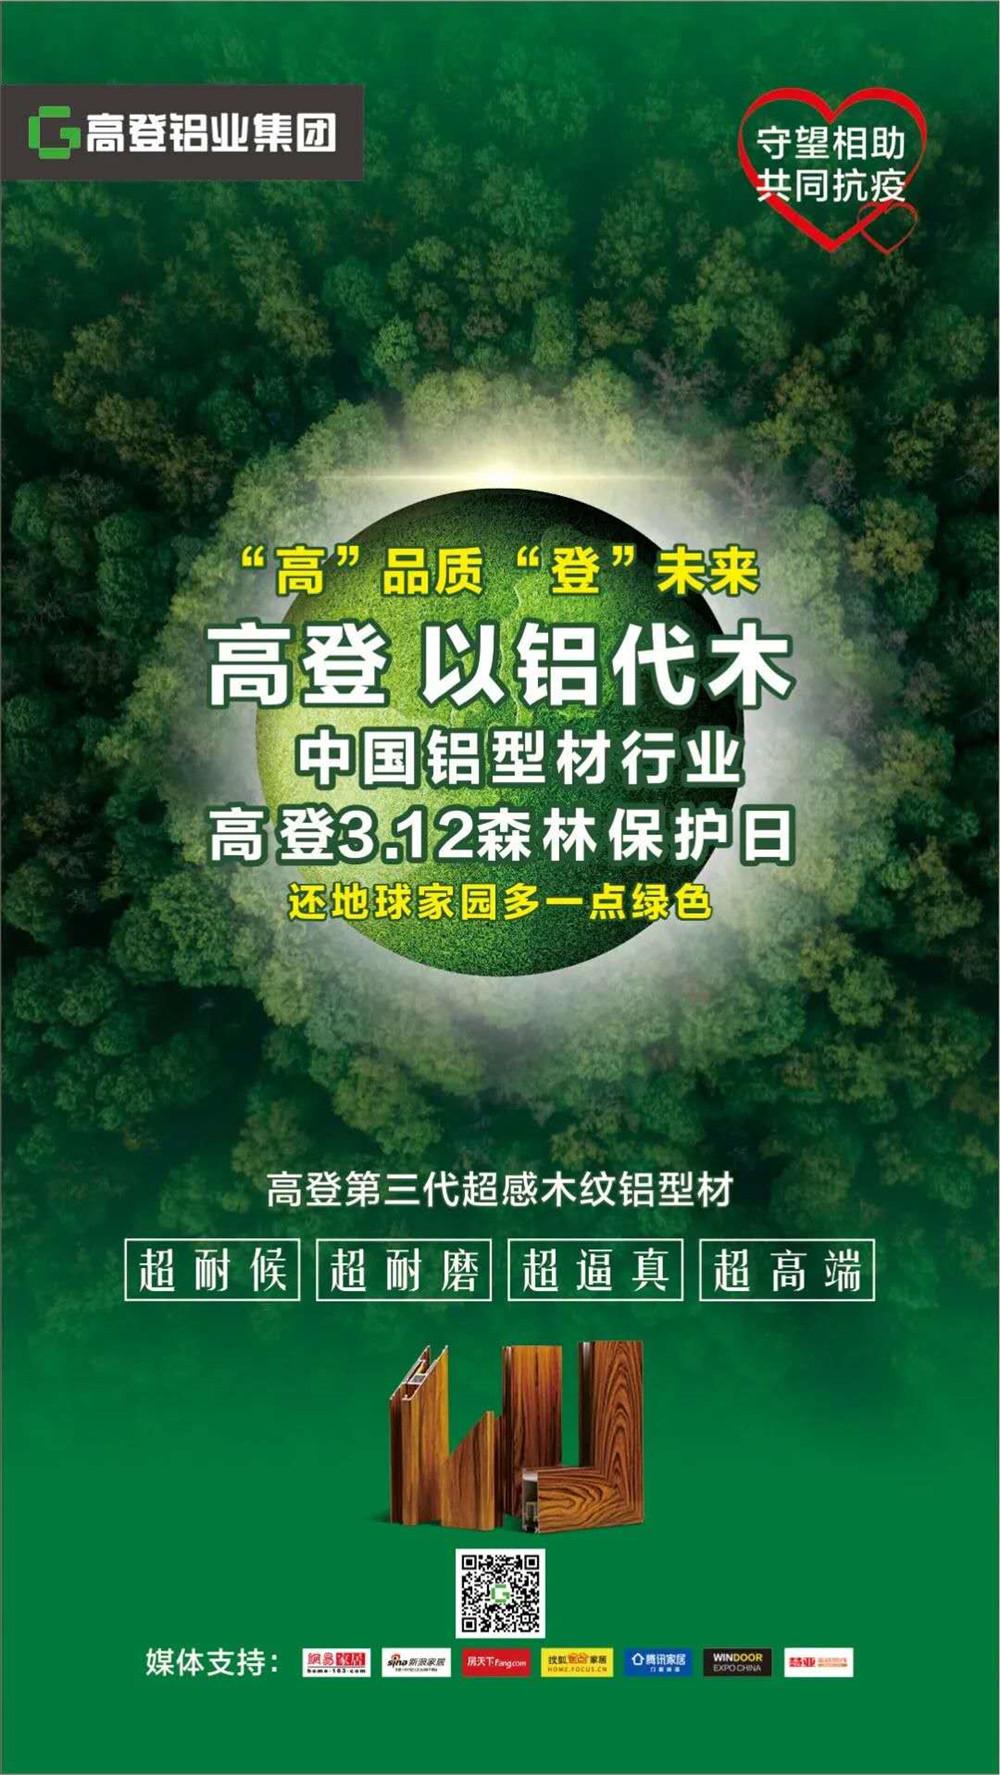 """高登鋁材植樹節舉辦""""以鋁代木,中國鋁型材行業森林保護日""""直播活動"""